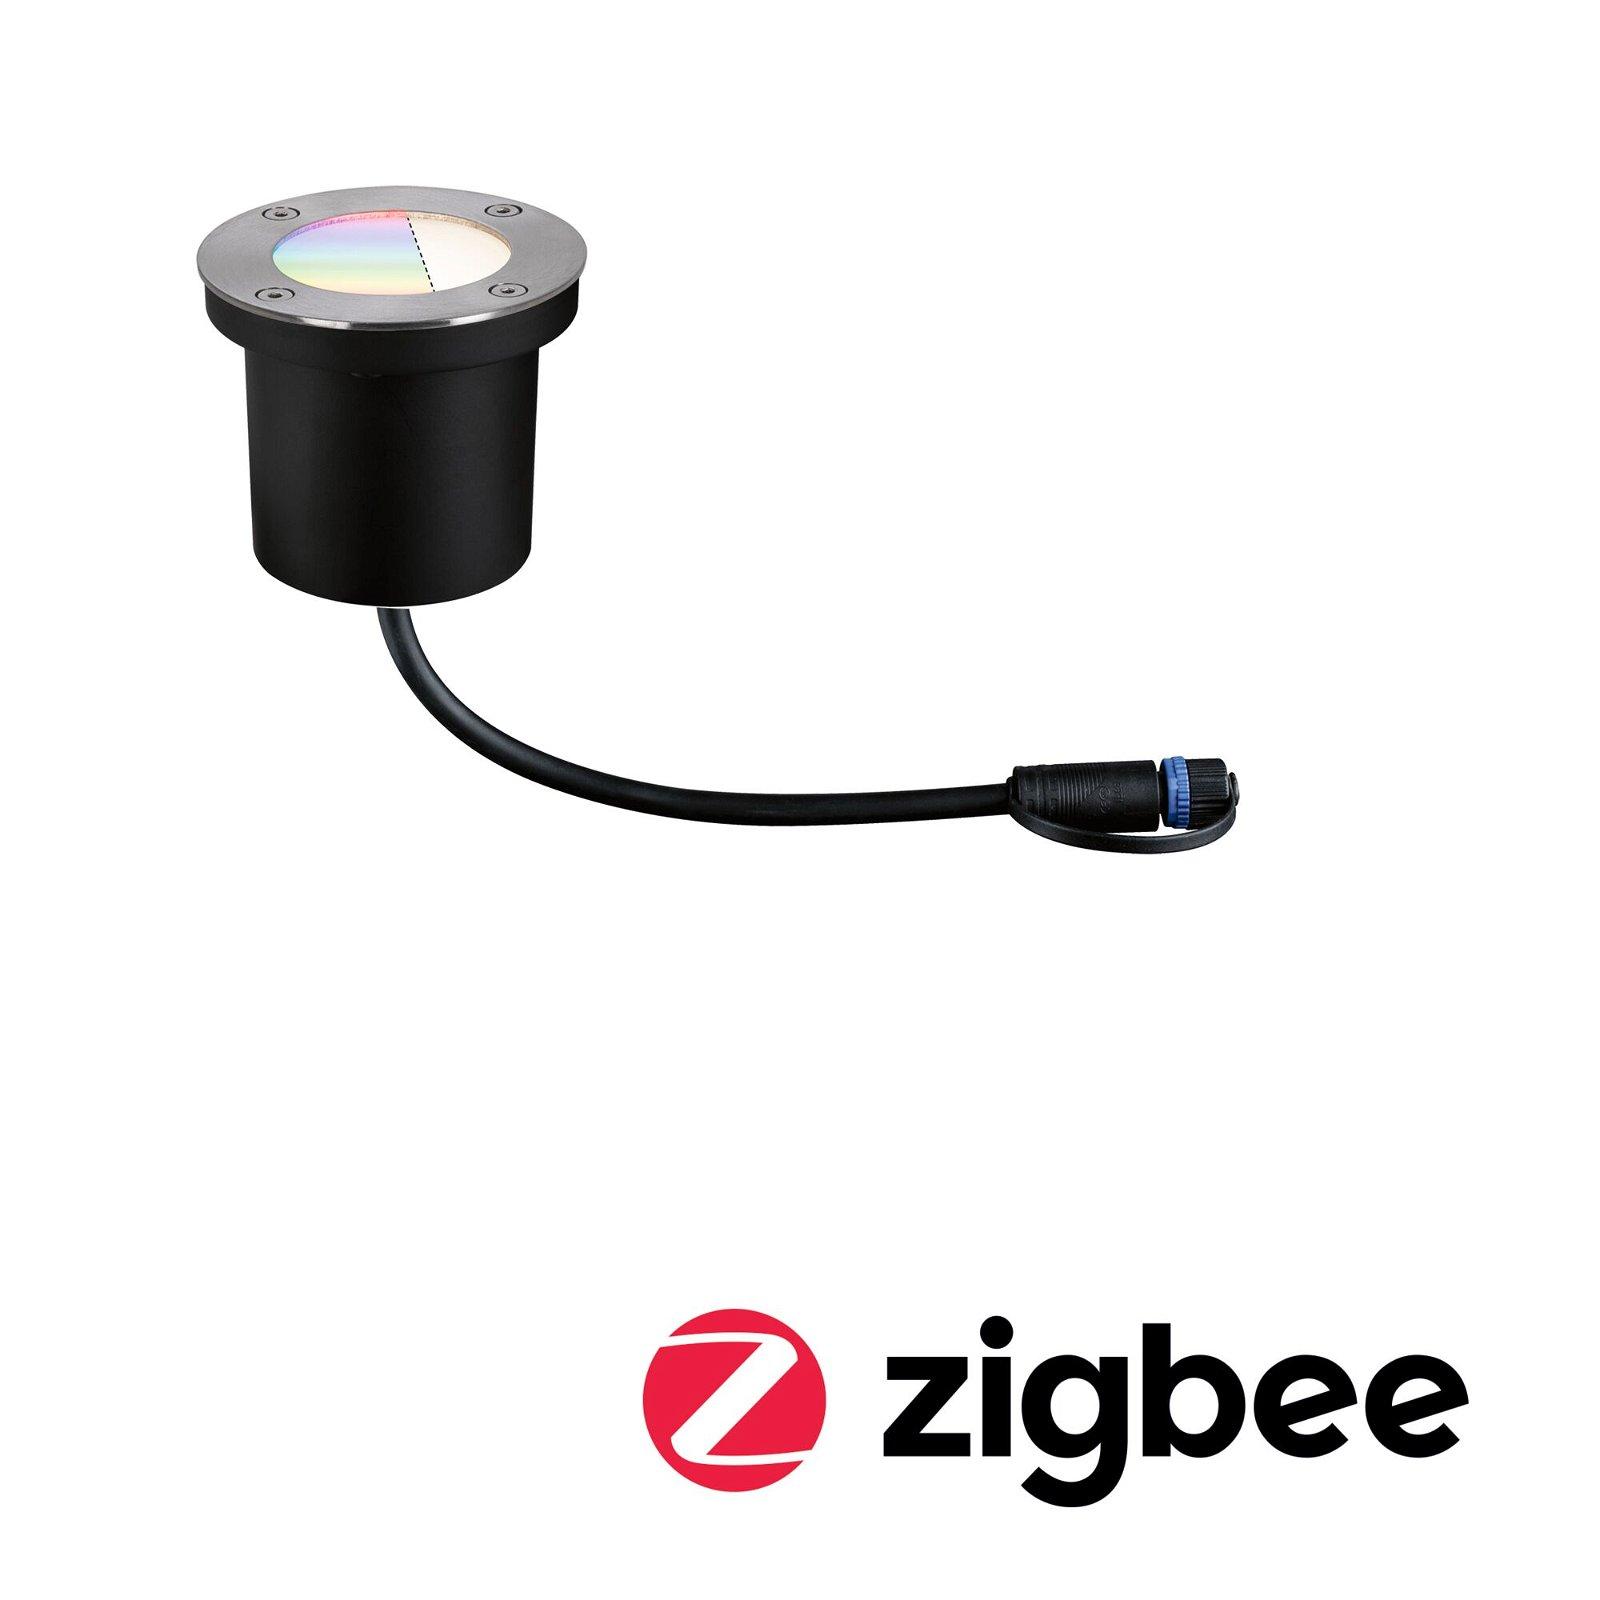 Plug & Shine LED Bodeneinbauleuchte Smart Home Zigbee RGBW Einzelspot IP65 RGBW 3,6W Silber